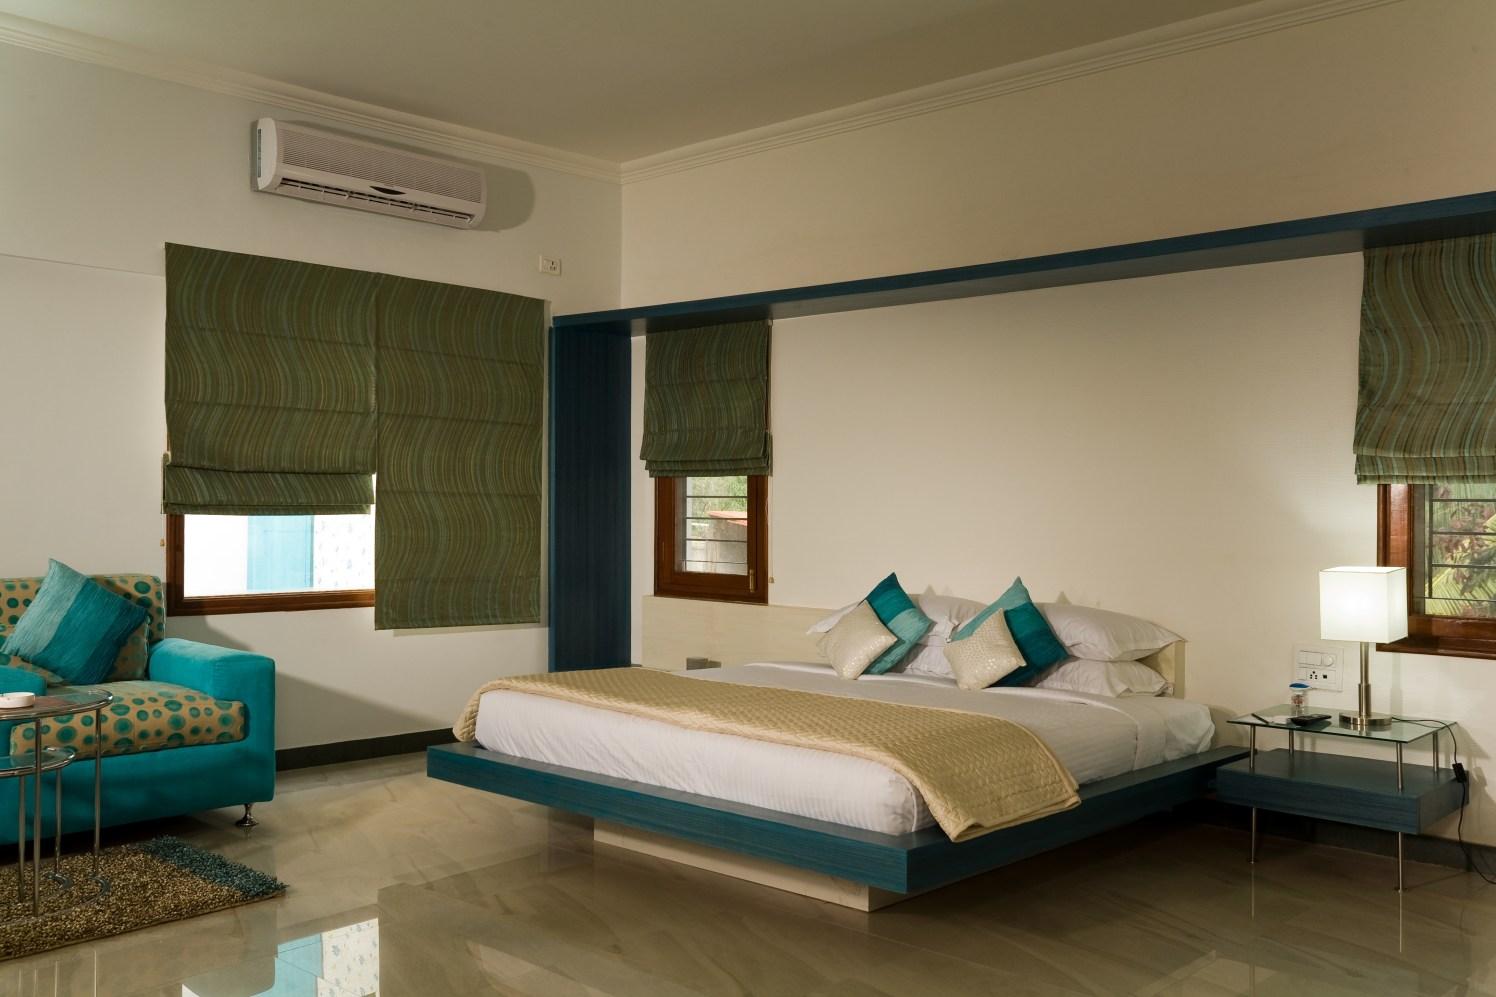 Bedroom by Kaiadesigns Bedroom Contemporary | Interior Design Photos & Ideas